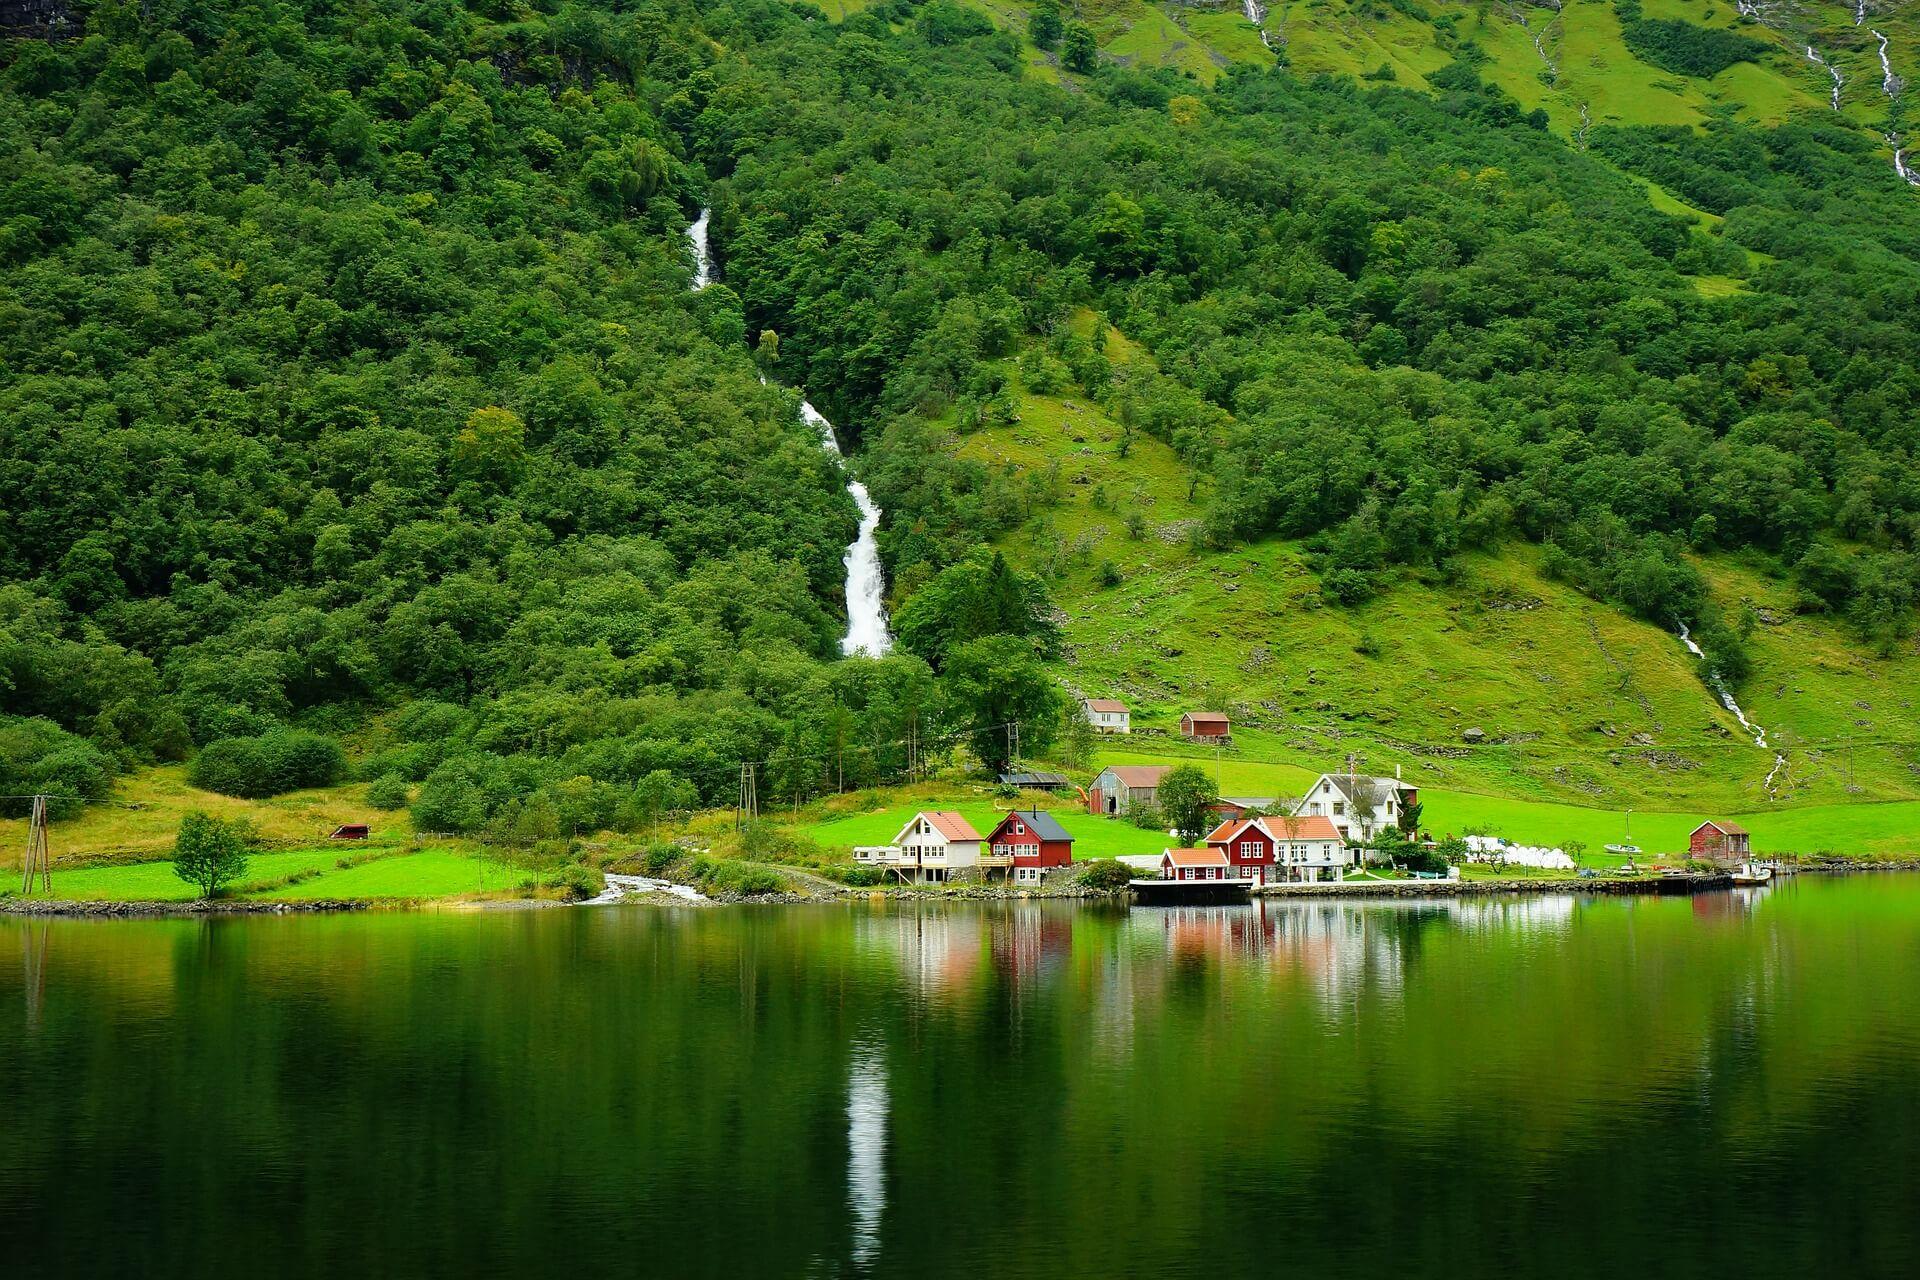 villaggio fiordo